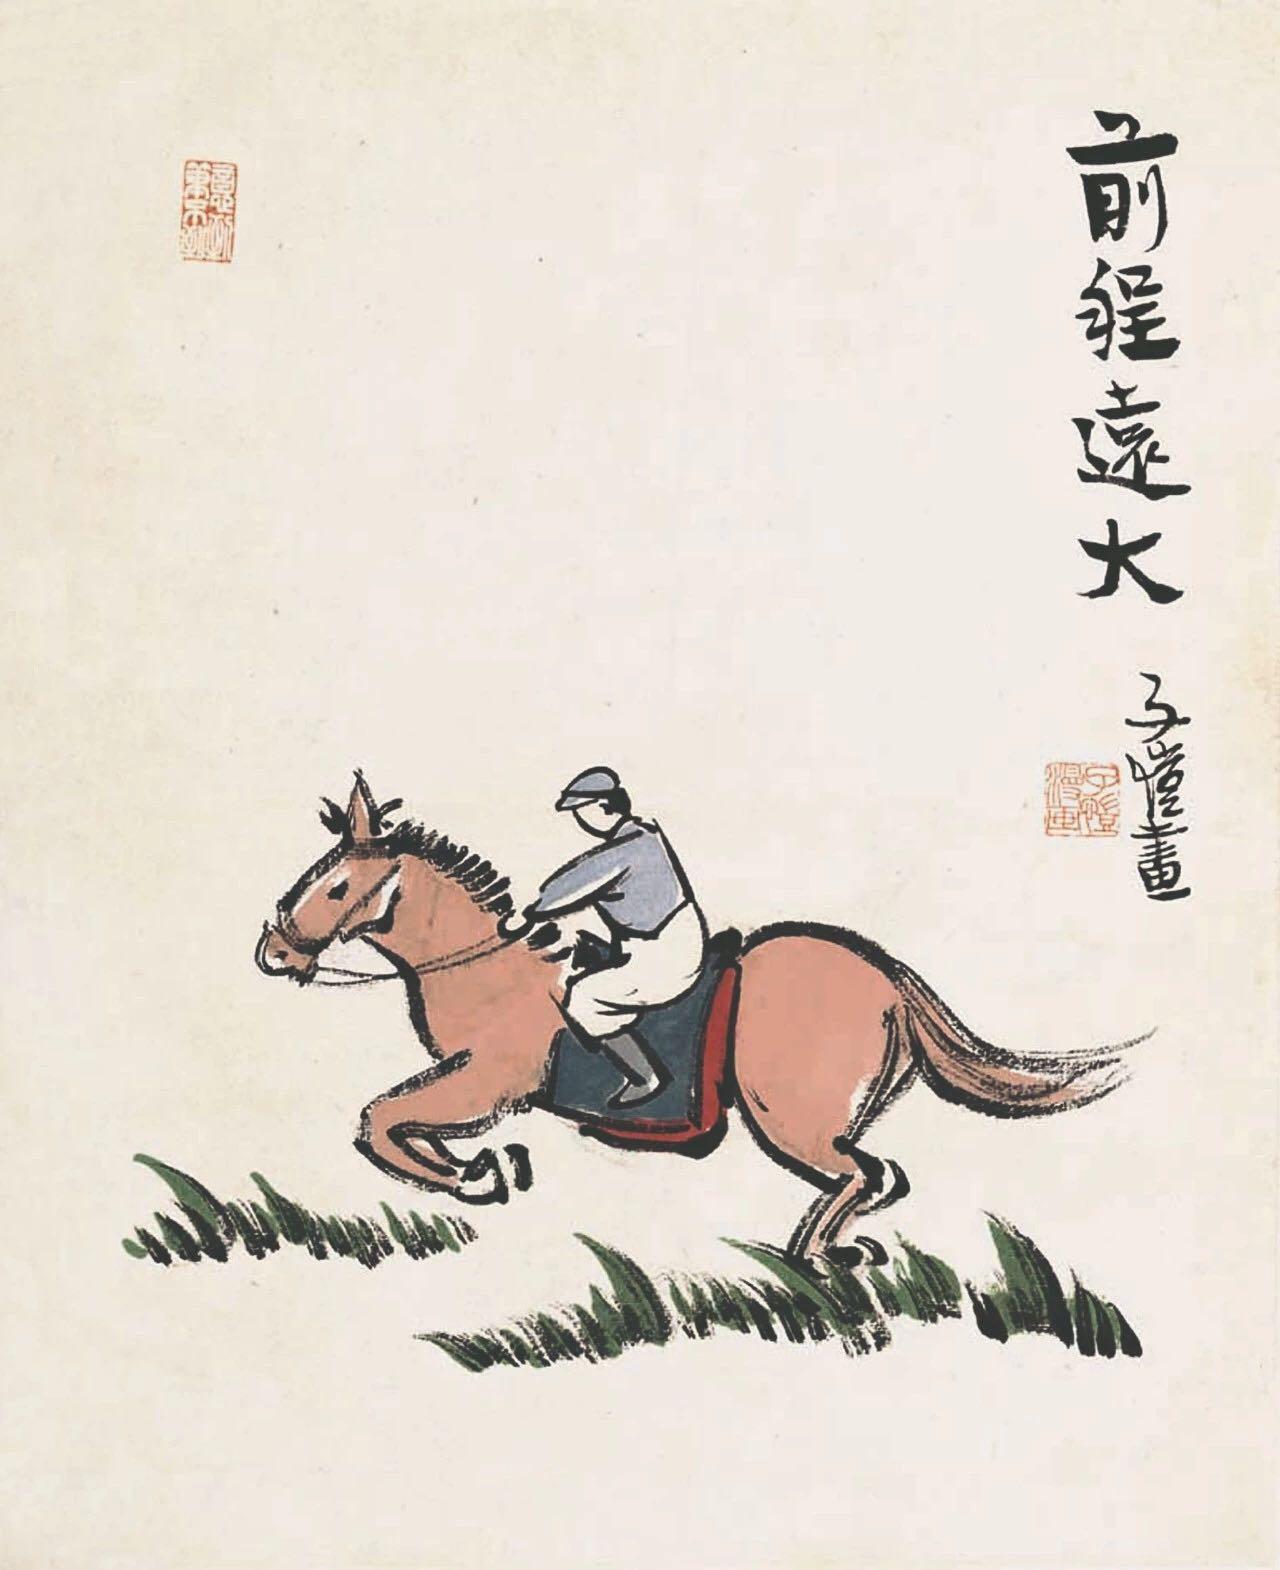 豐子愷先生今天120歲了,謝謝你畫裡的詩意和天真 影視 第15張